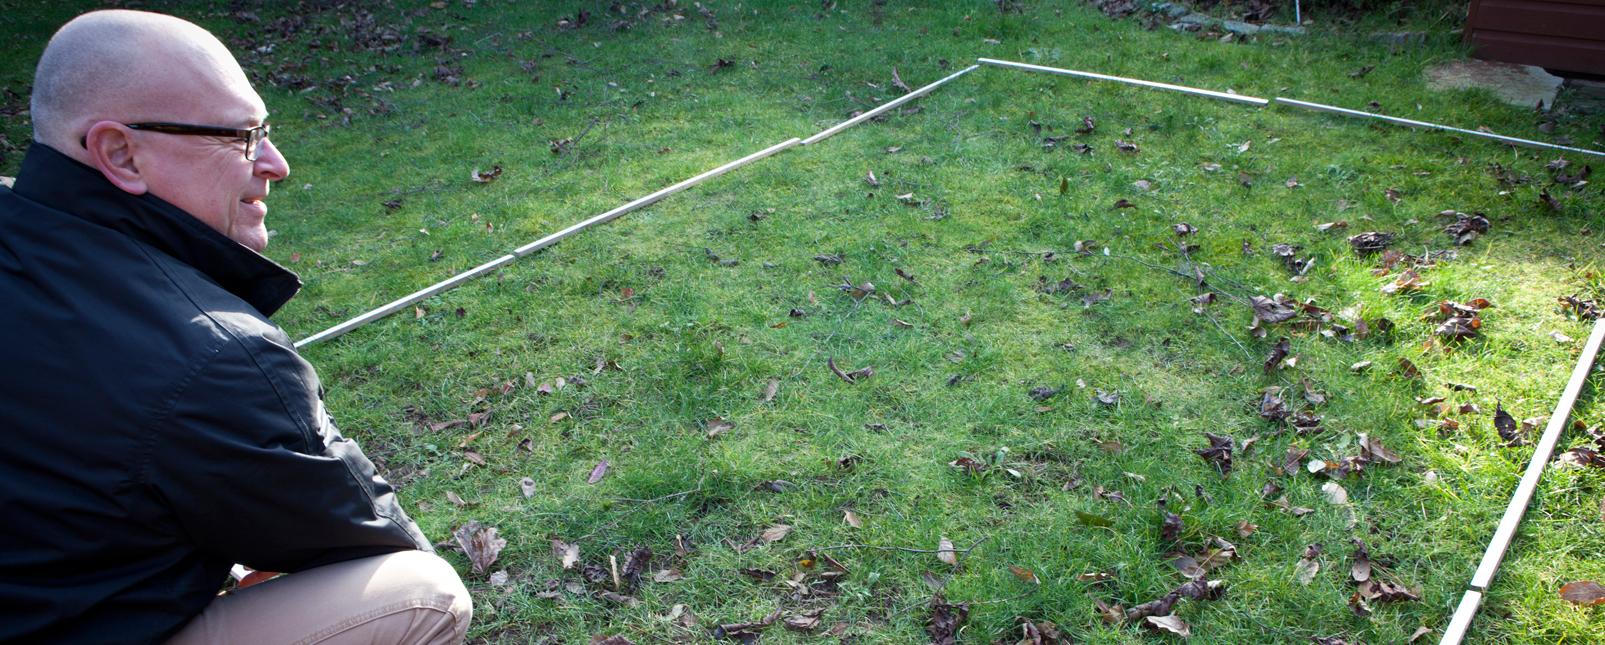 Survey Your Garden Location | Flower Gardening Made Easy For A Beginner To Achieve A Dream Garden